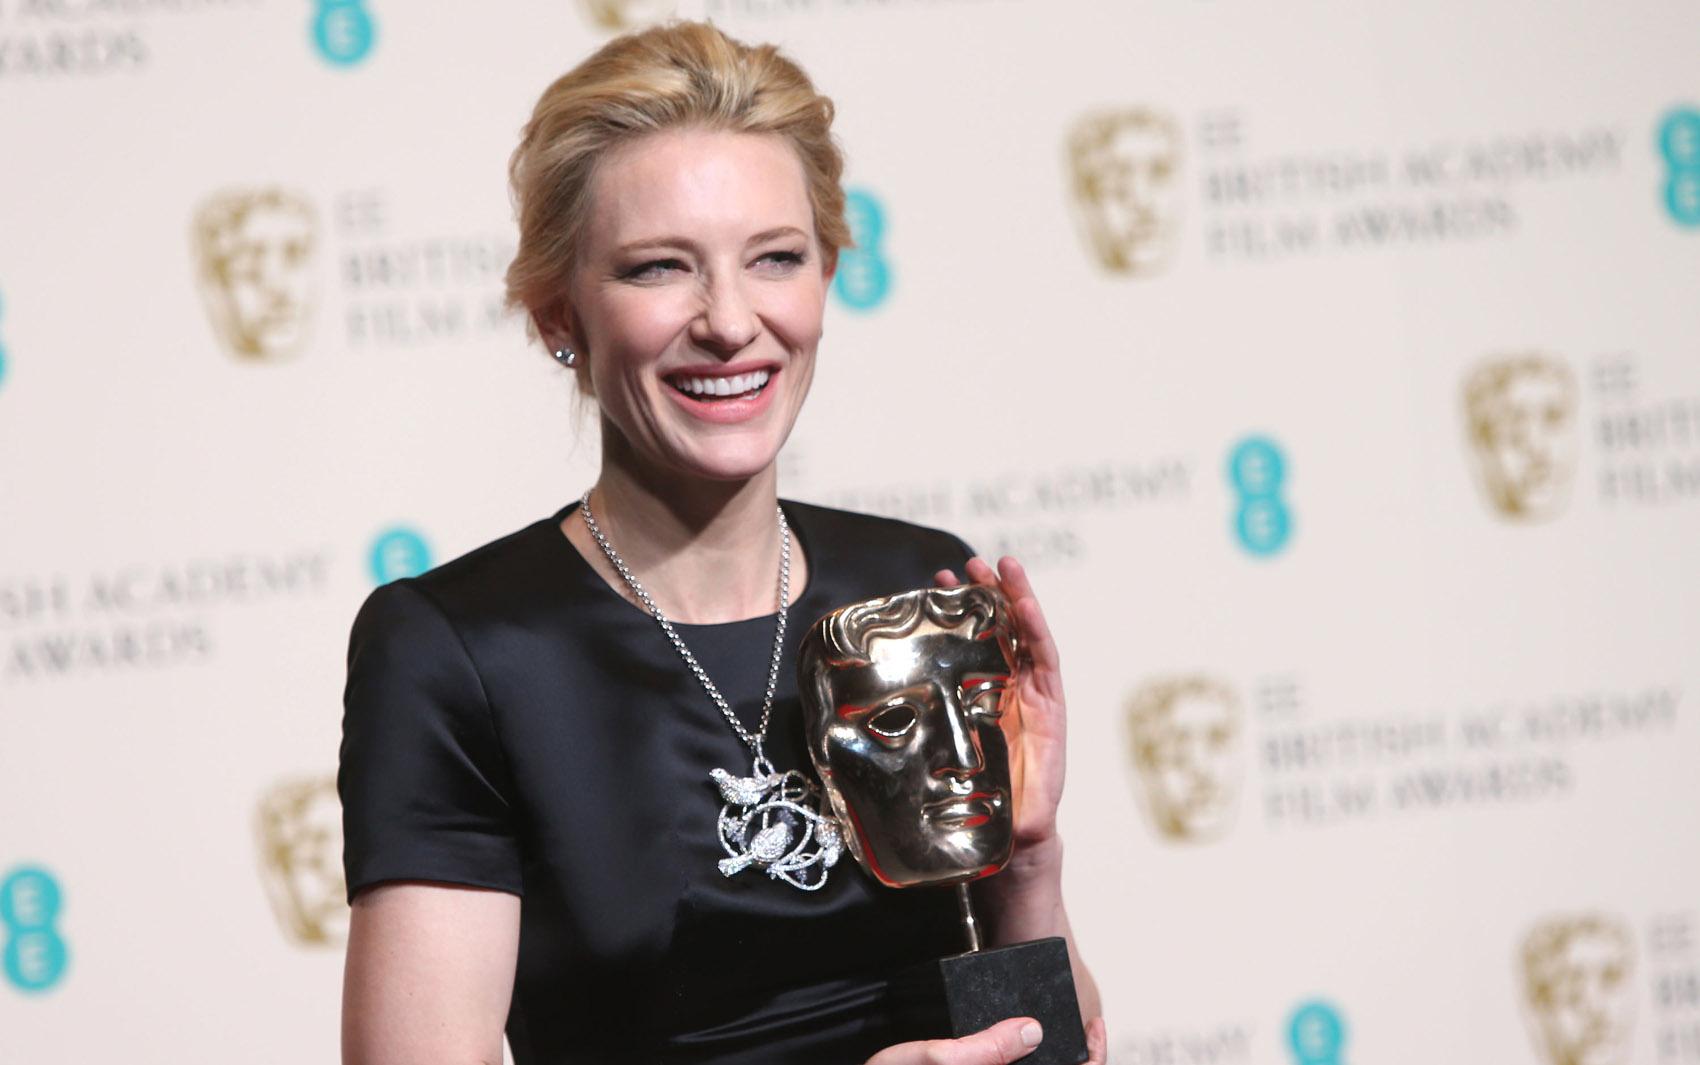 Cate Blanchett segura prêmio de melhor atriz, por 'Blue Jasmine'